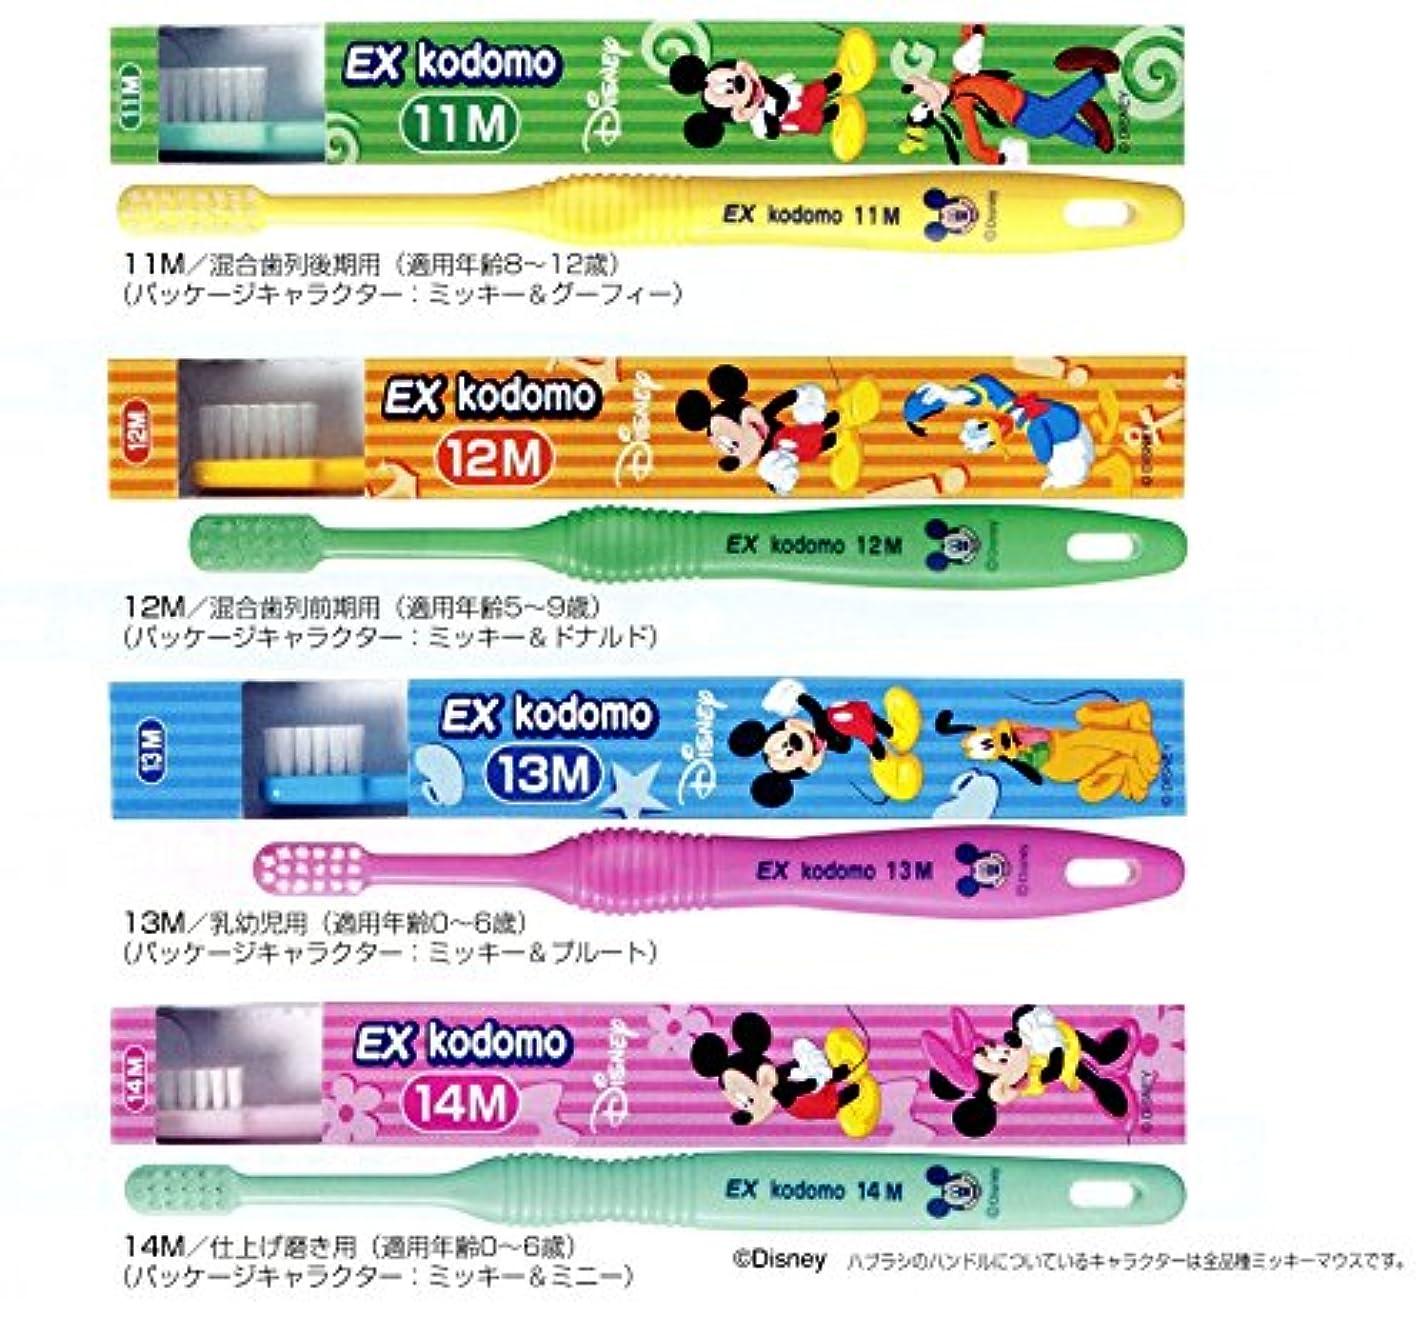 蒸発する口実社説ライオン デントEX 子ども用歯ブラシ kodomo12M Disney 混合歯列前期用 5~9歳